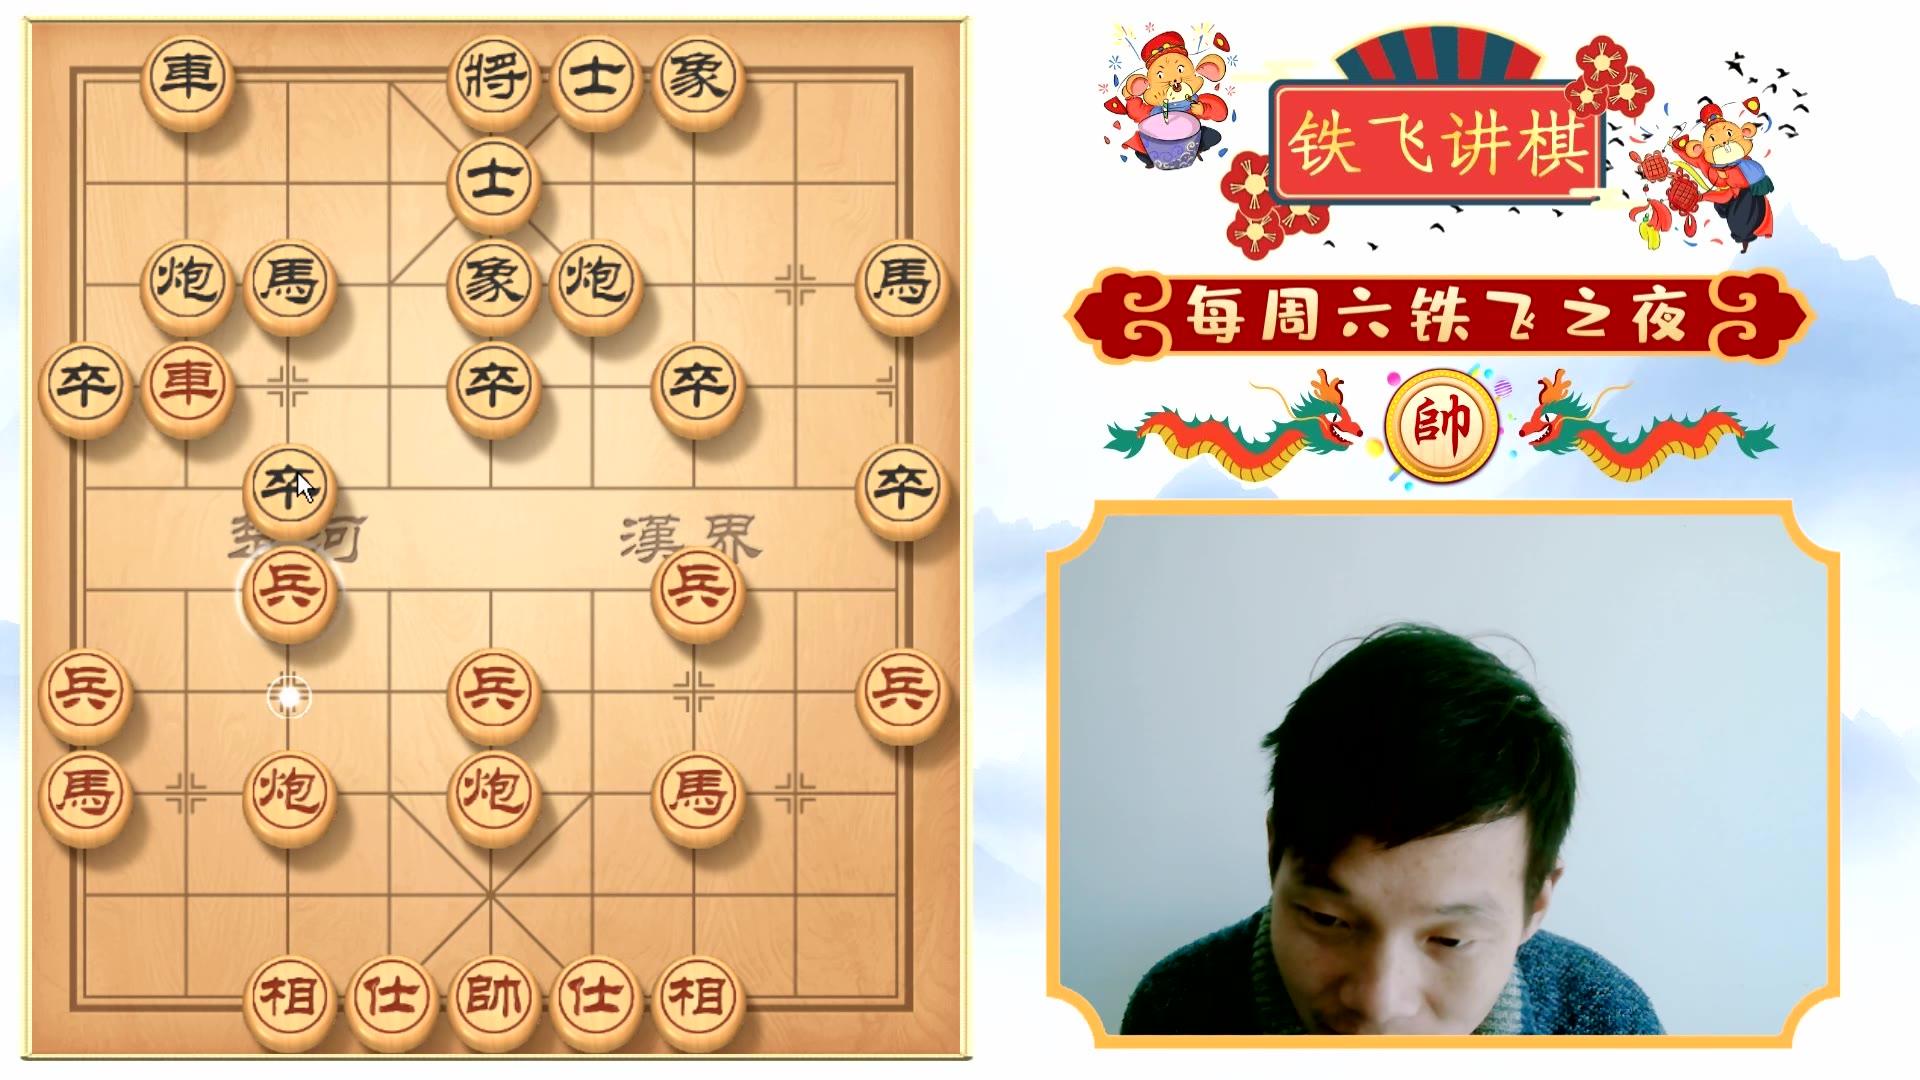 对手是个和棋专家 战绩很彪悍 但是这盘棋 却被铁飞给狠狠打脸了